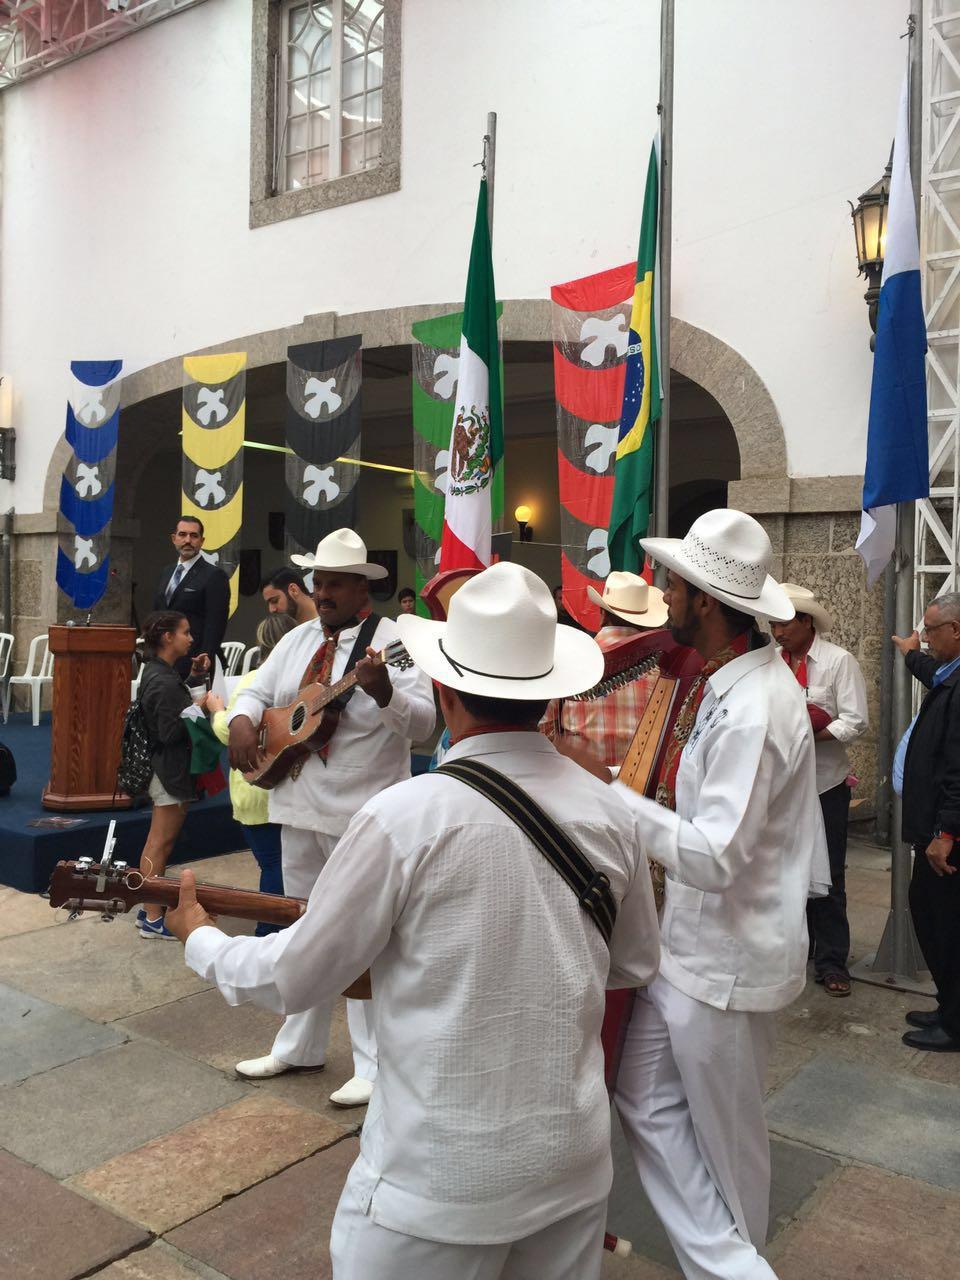 Casa de México abre para Juegos Olímpicos de Río 2016